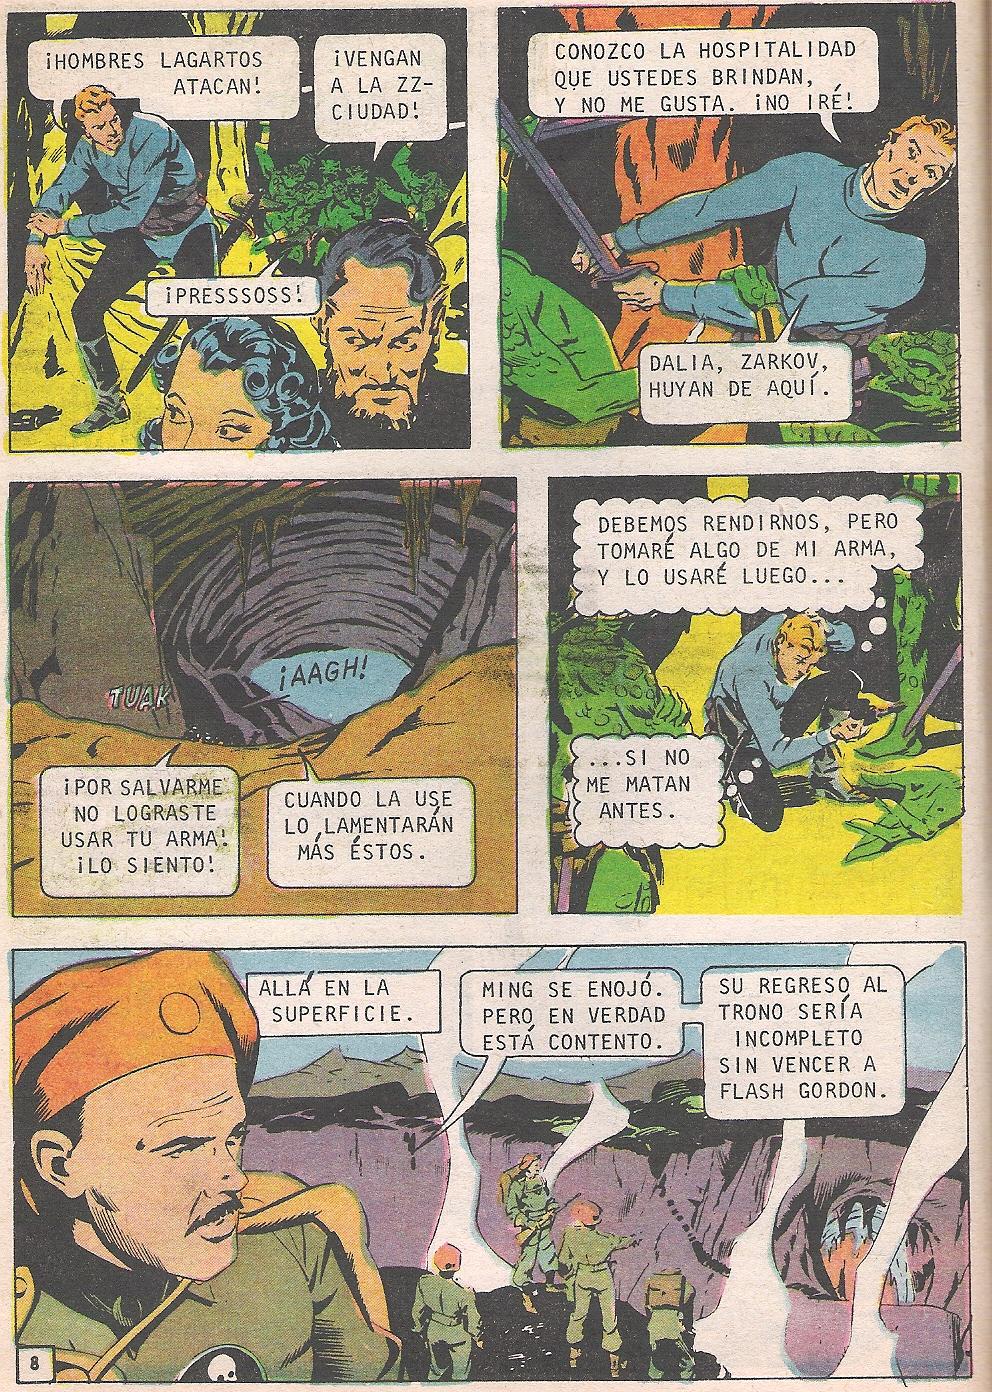 FLASH GORDON 007